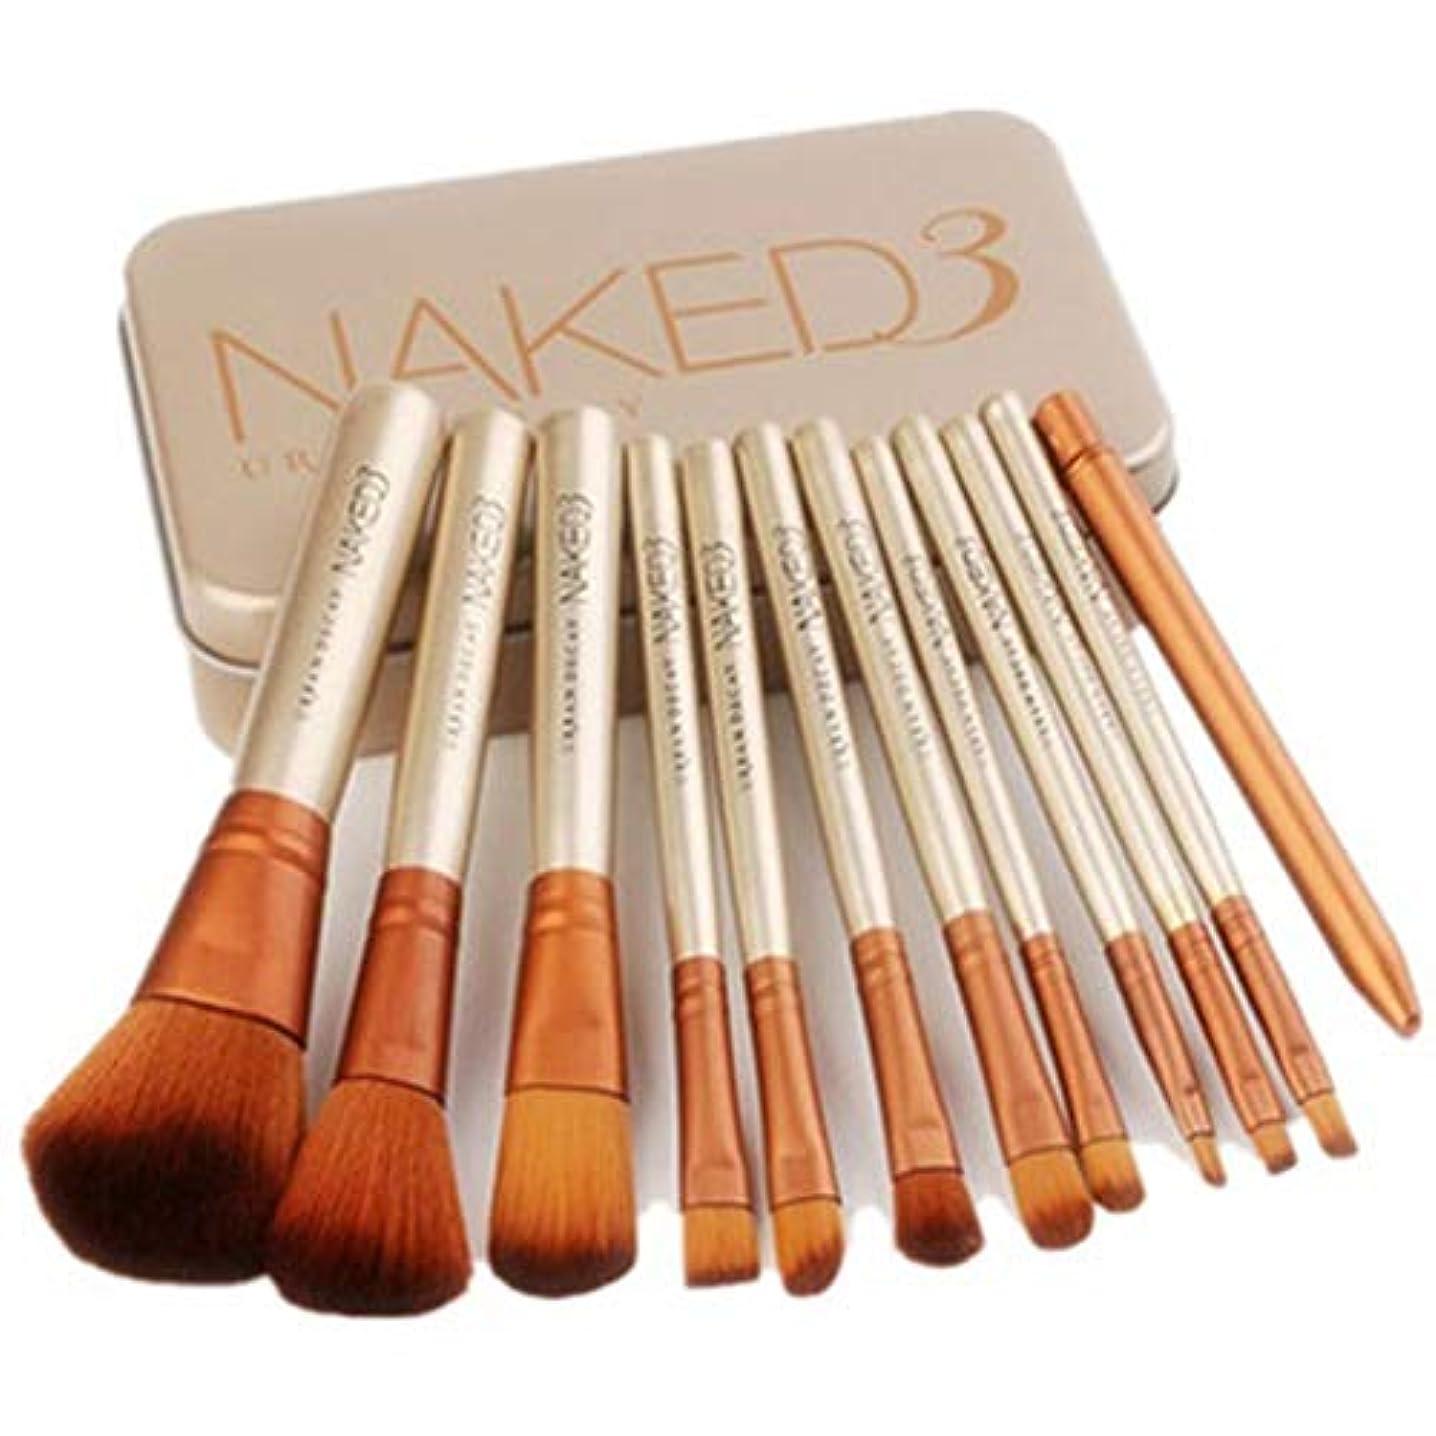 競争老人成功する初心者用化粧筆のための12の化粧筆美容化粧キット